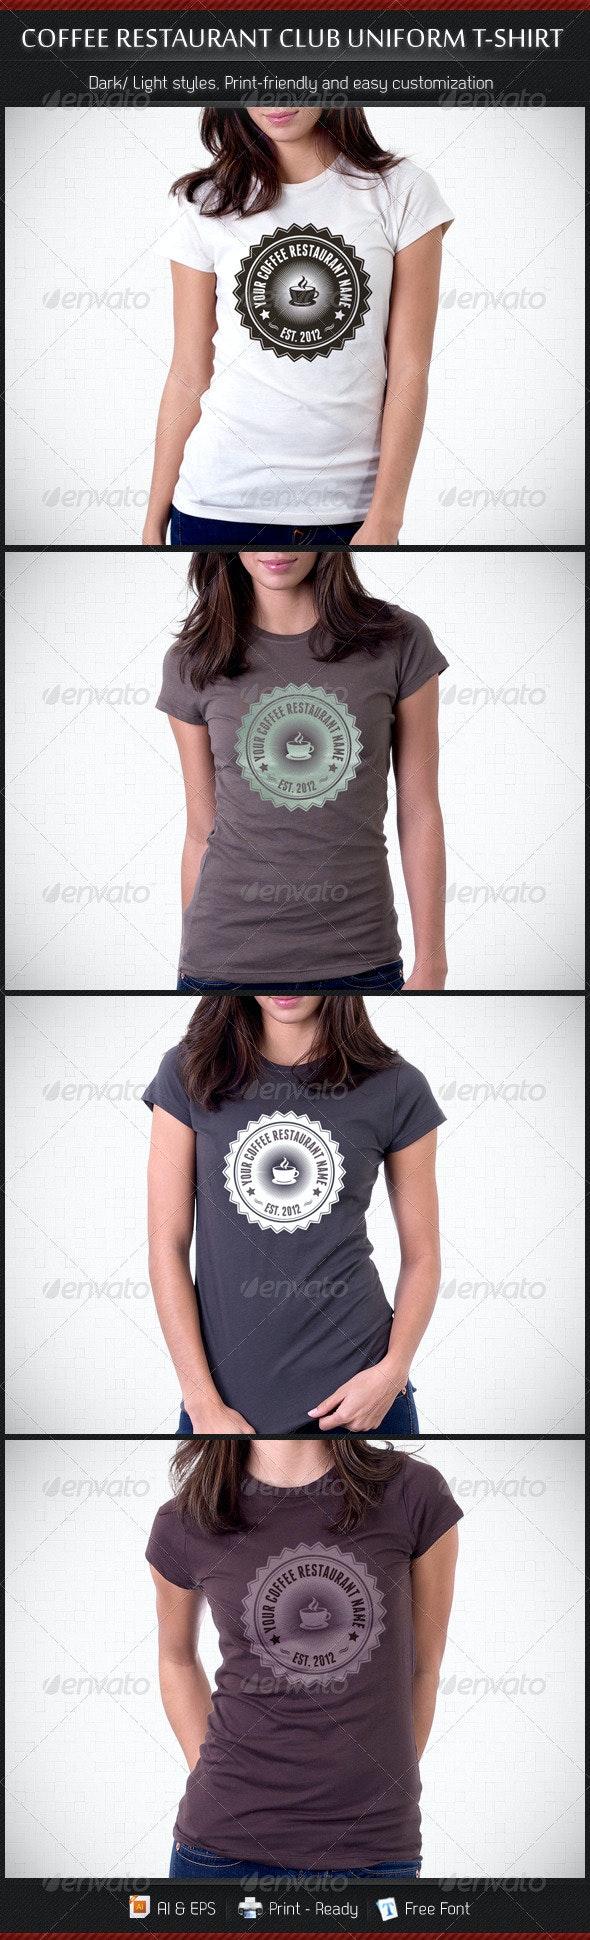 Coffee Restaurant Uniform T-Shirt Template - Business T-Shirts